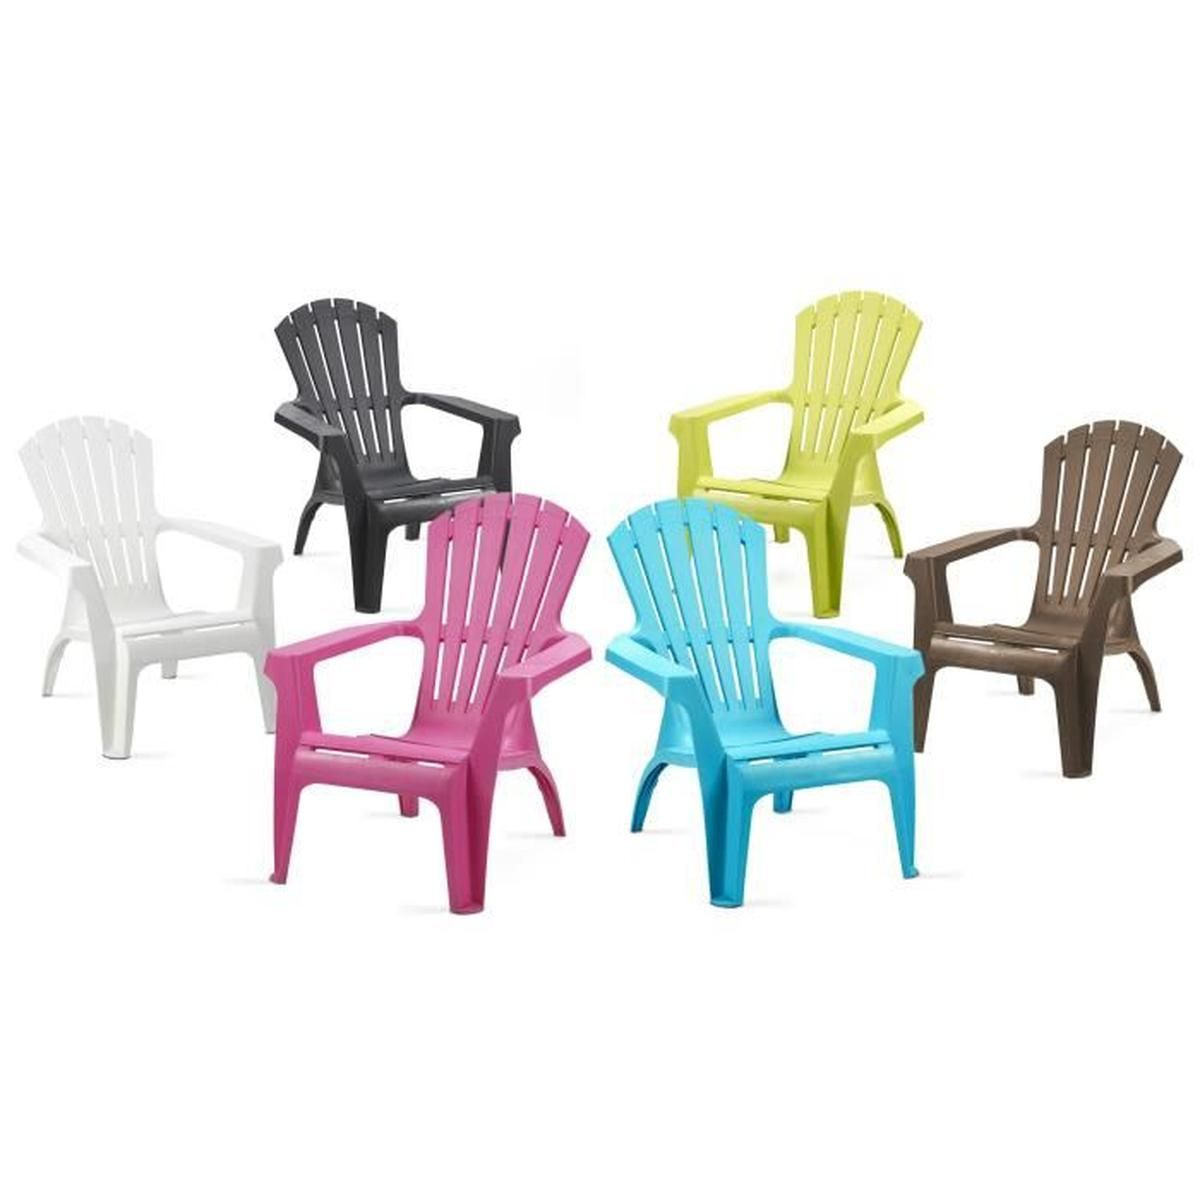 Fauteuil De Jardin Plastique - Grand Fauteuil Confort Taupe ... encequiconcerne Table Et Chaise De Jardin Pas Cher En Plastique